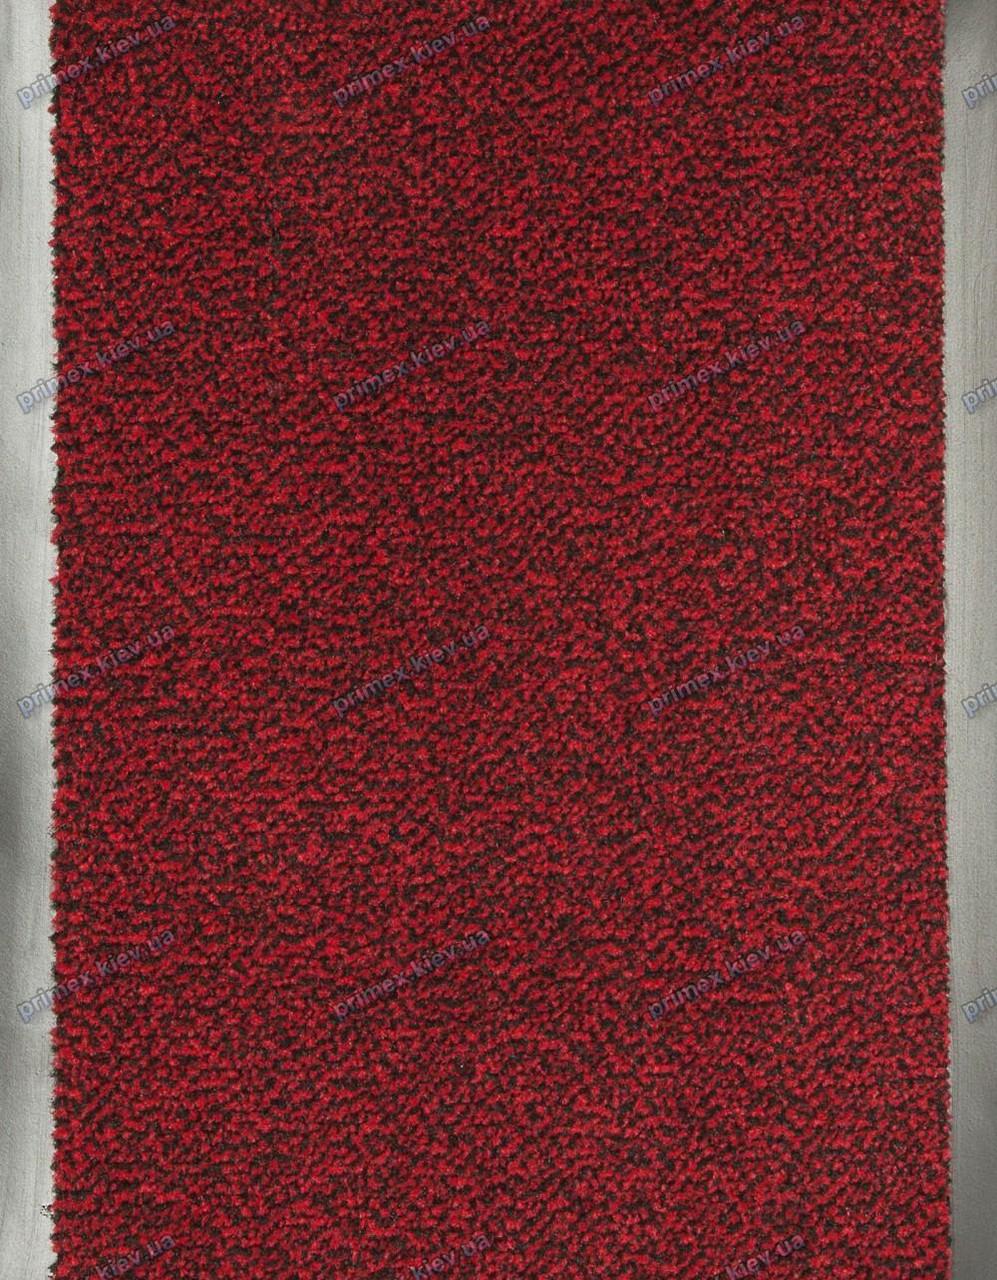 Дорожка грязезащитная Париж, 130см. темно-красная, длина любая - Тексигум в Киеве